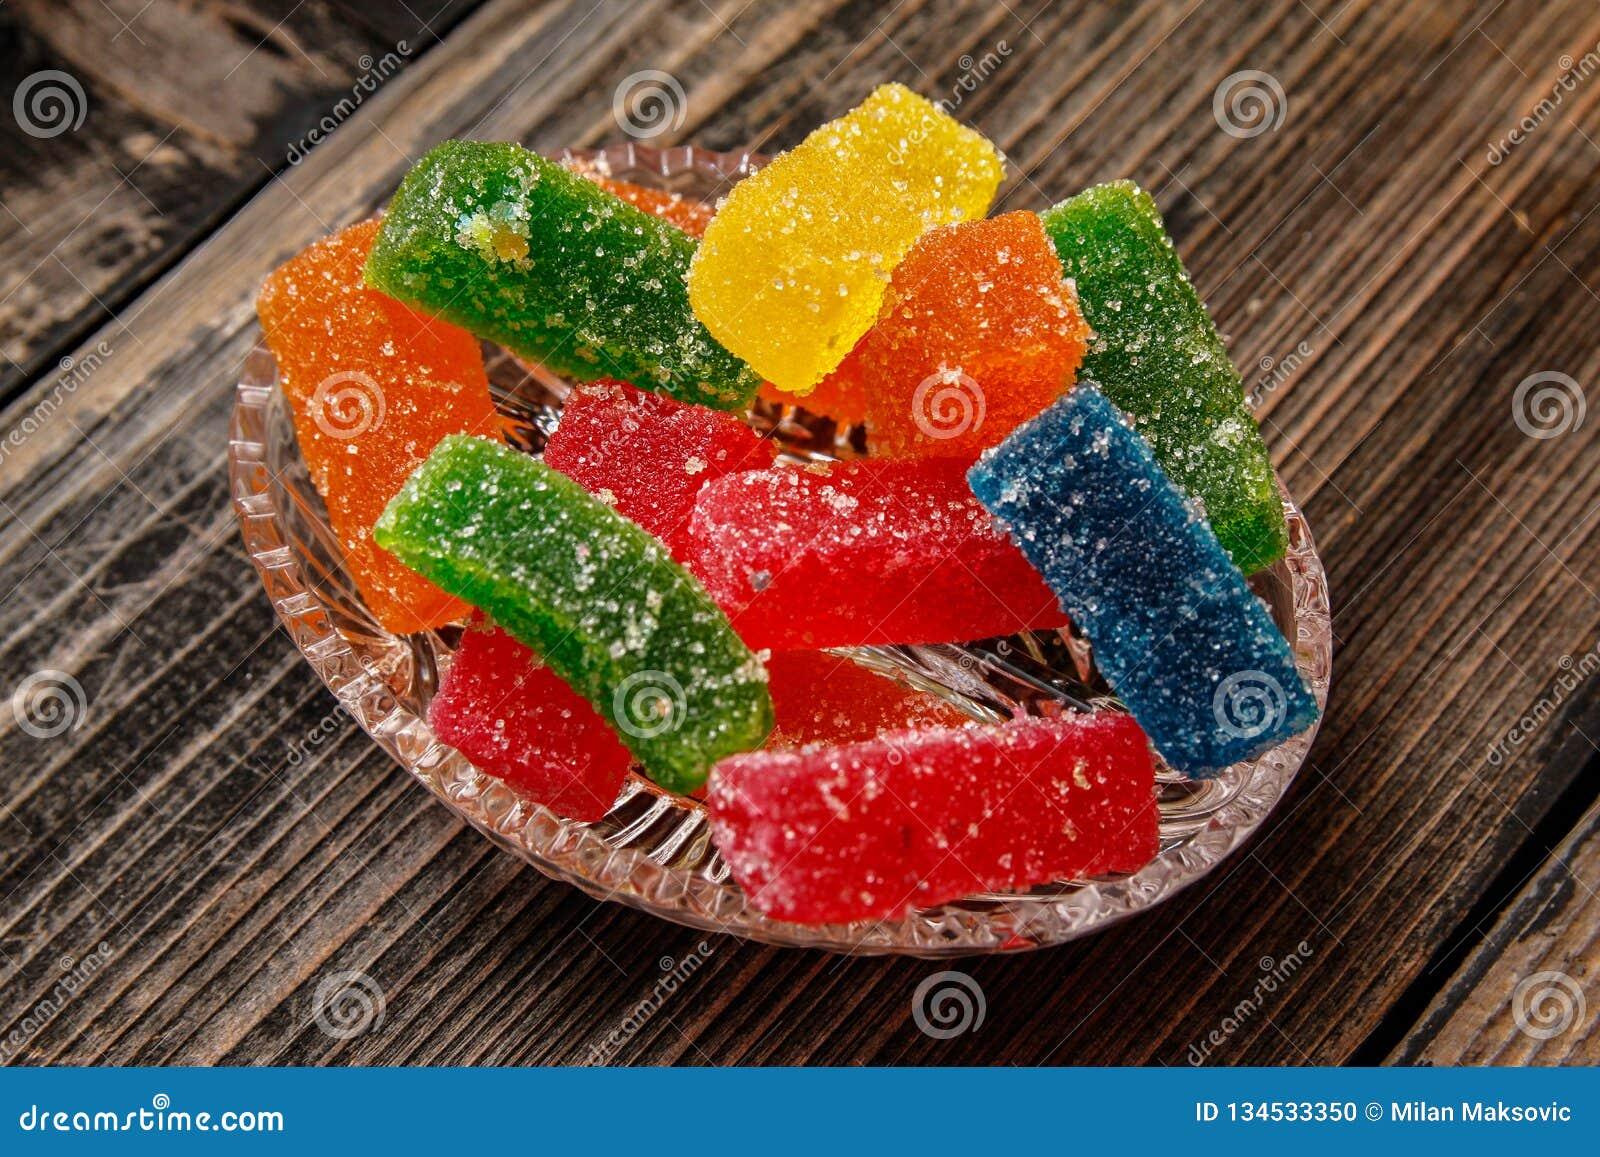 用糖涂的多彩多姿的胶粘的糖果